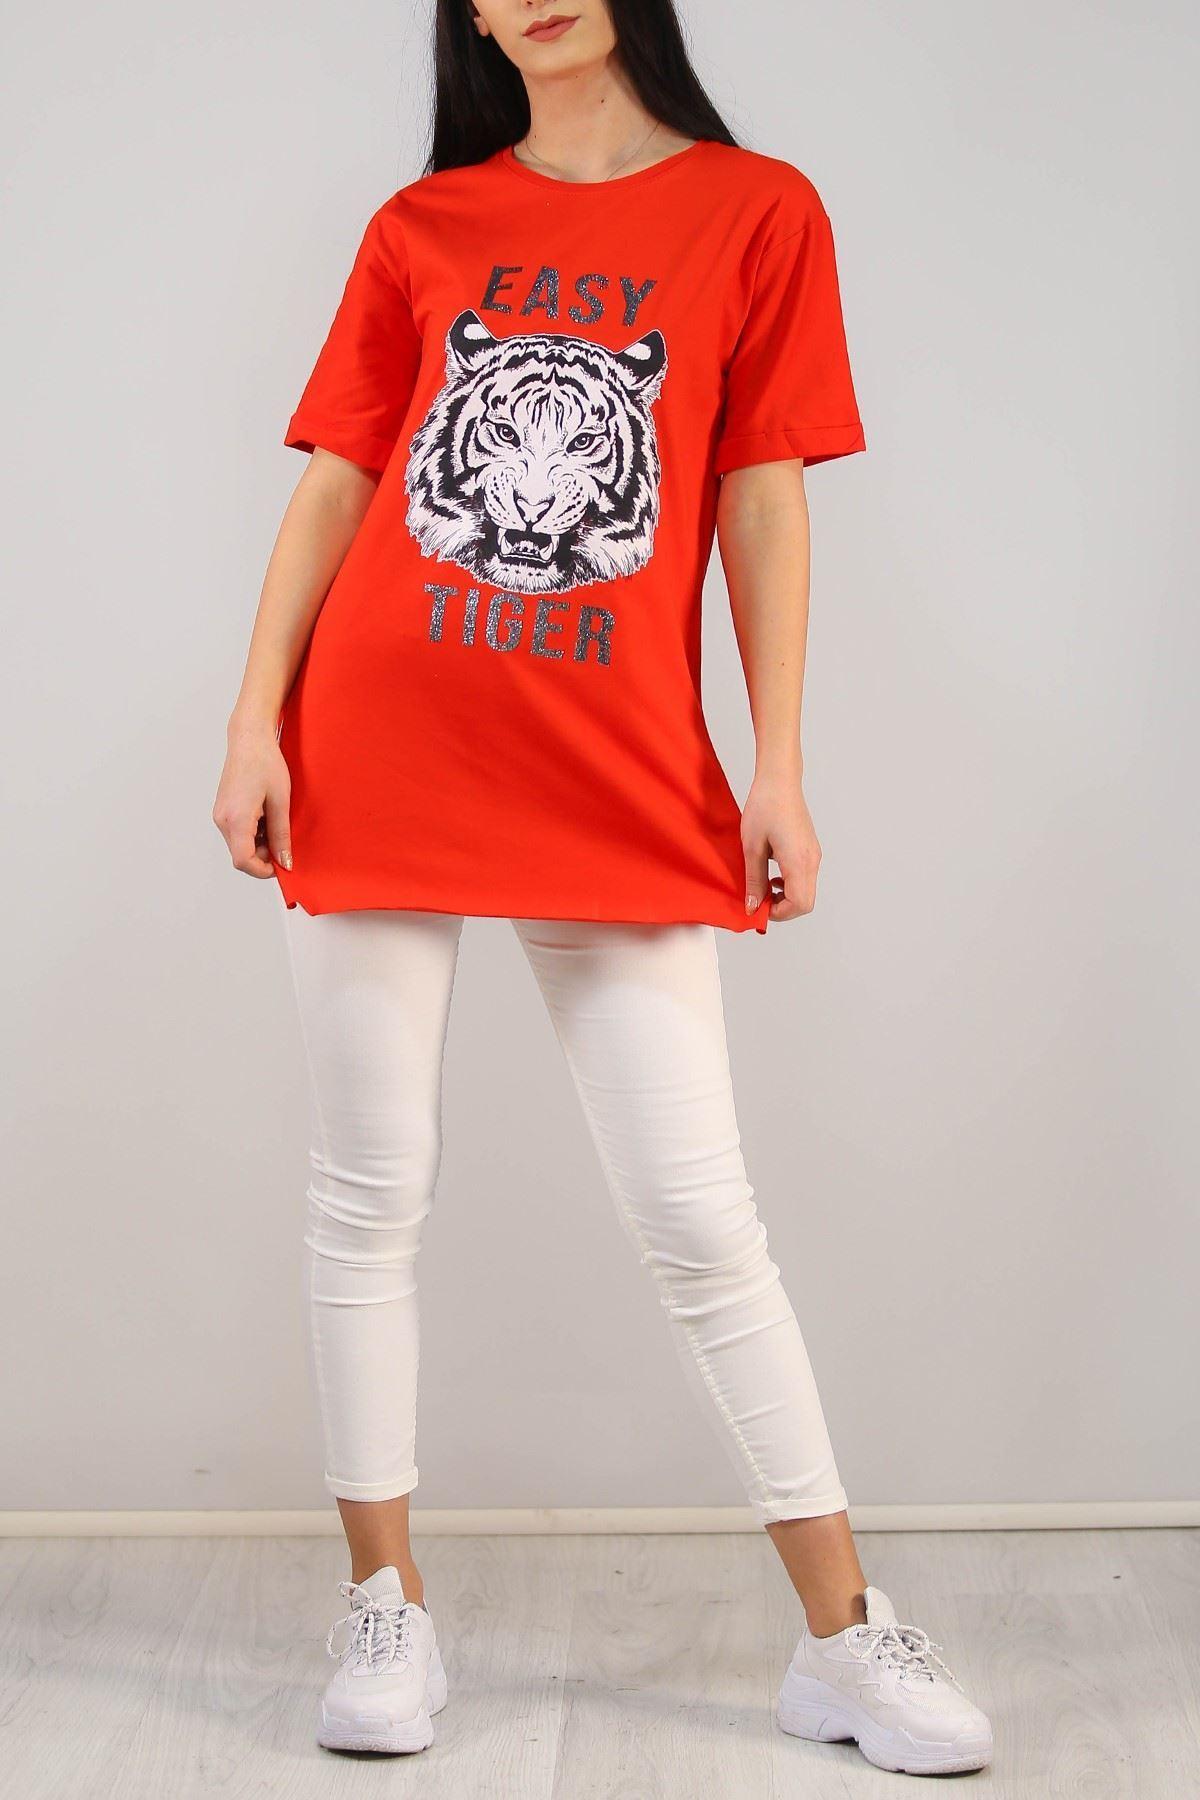 Baskılı Tişört Kırmızı - 4999.336.